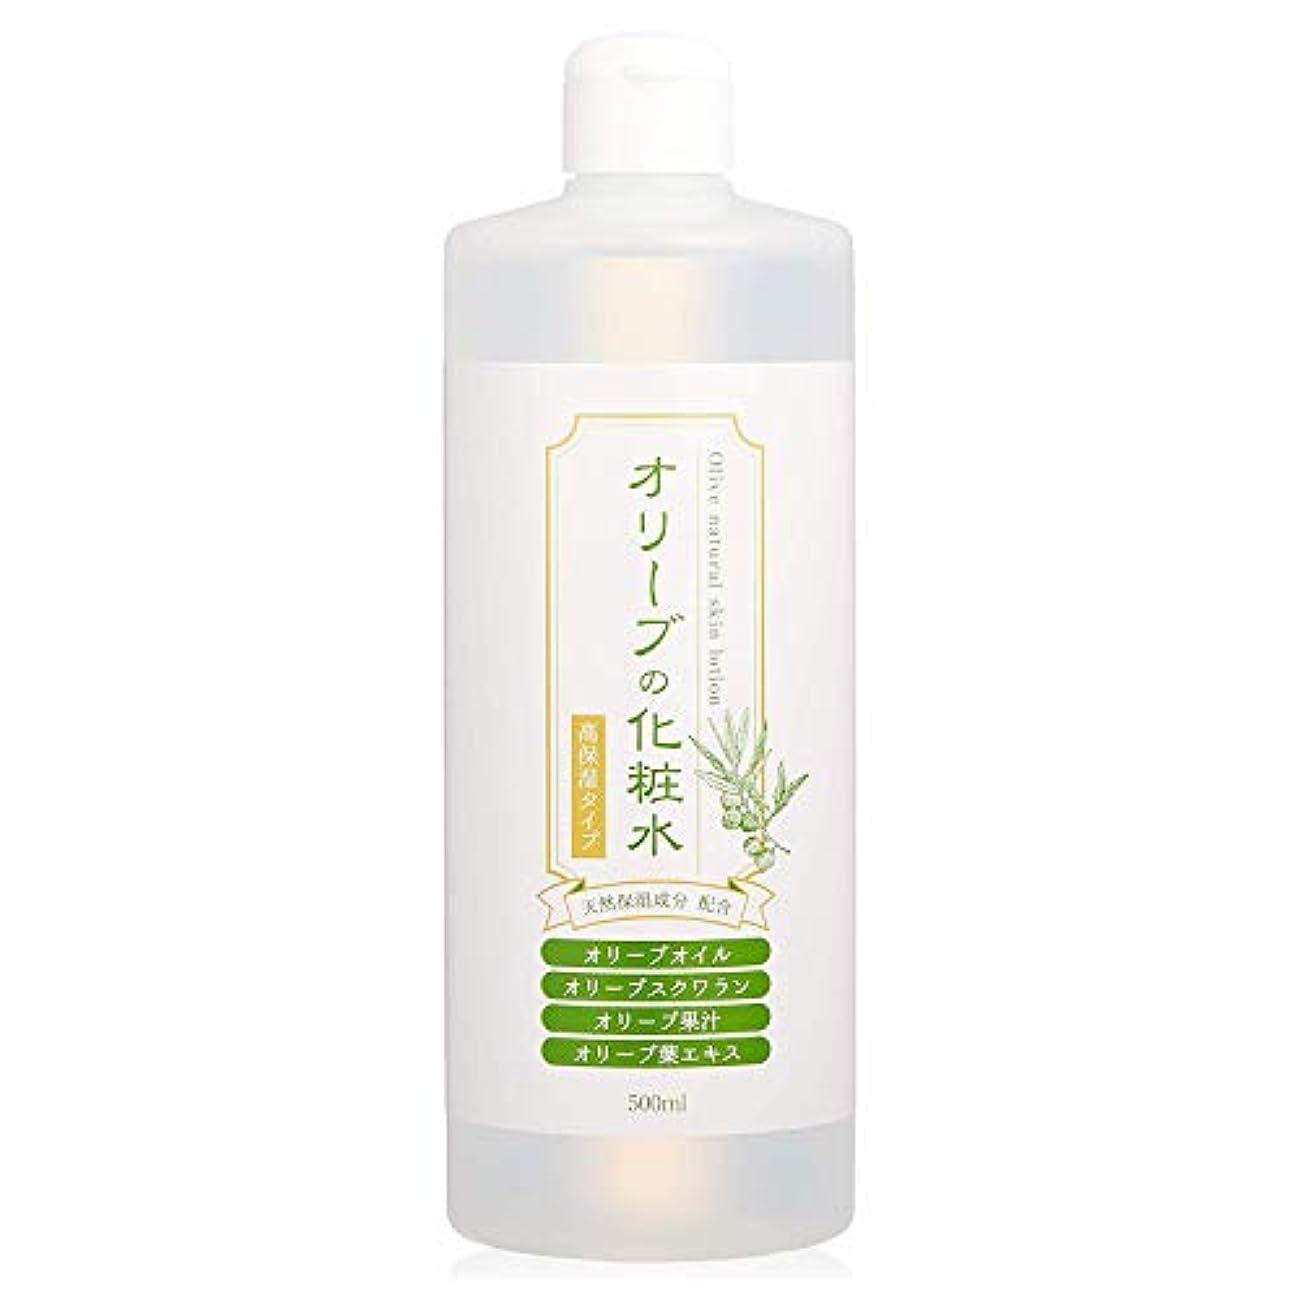 に話す傷つける肉の日本オリーブ オリーブクリアローション 〈オリーブの化粧水〉 (500mL)